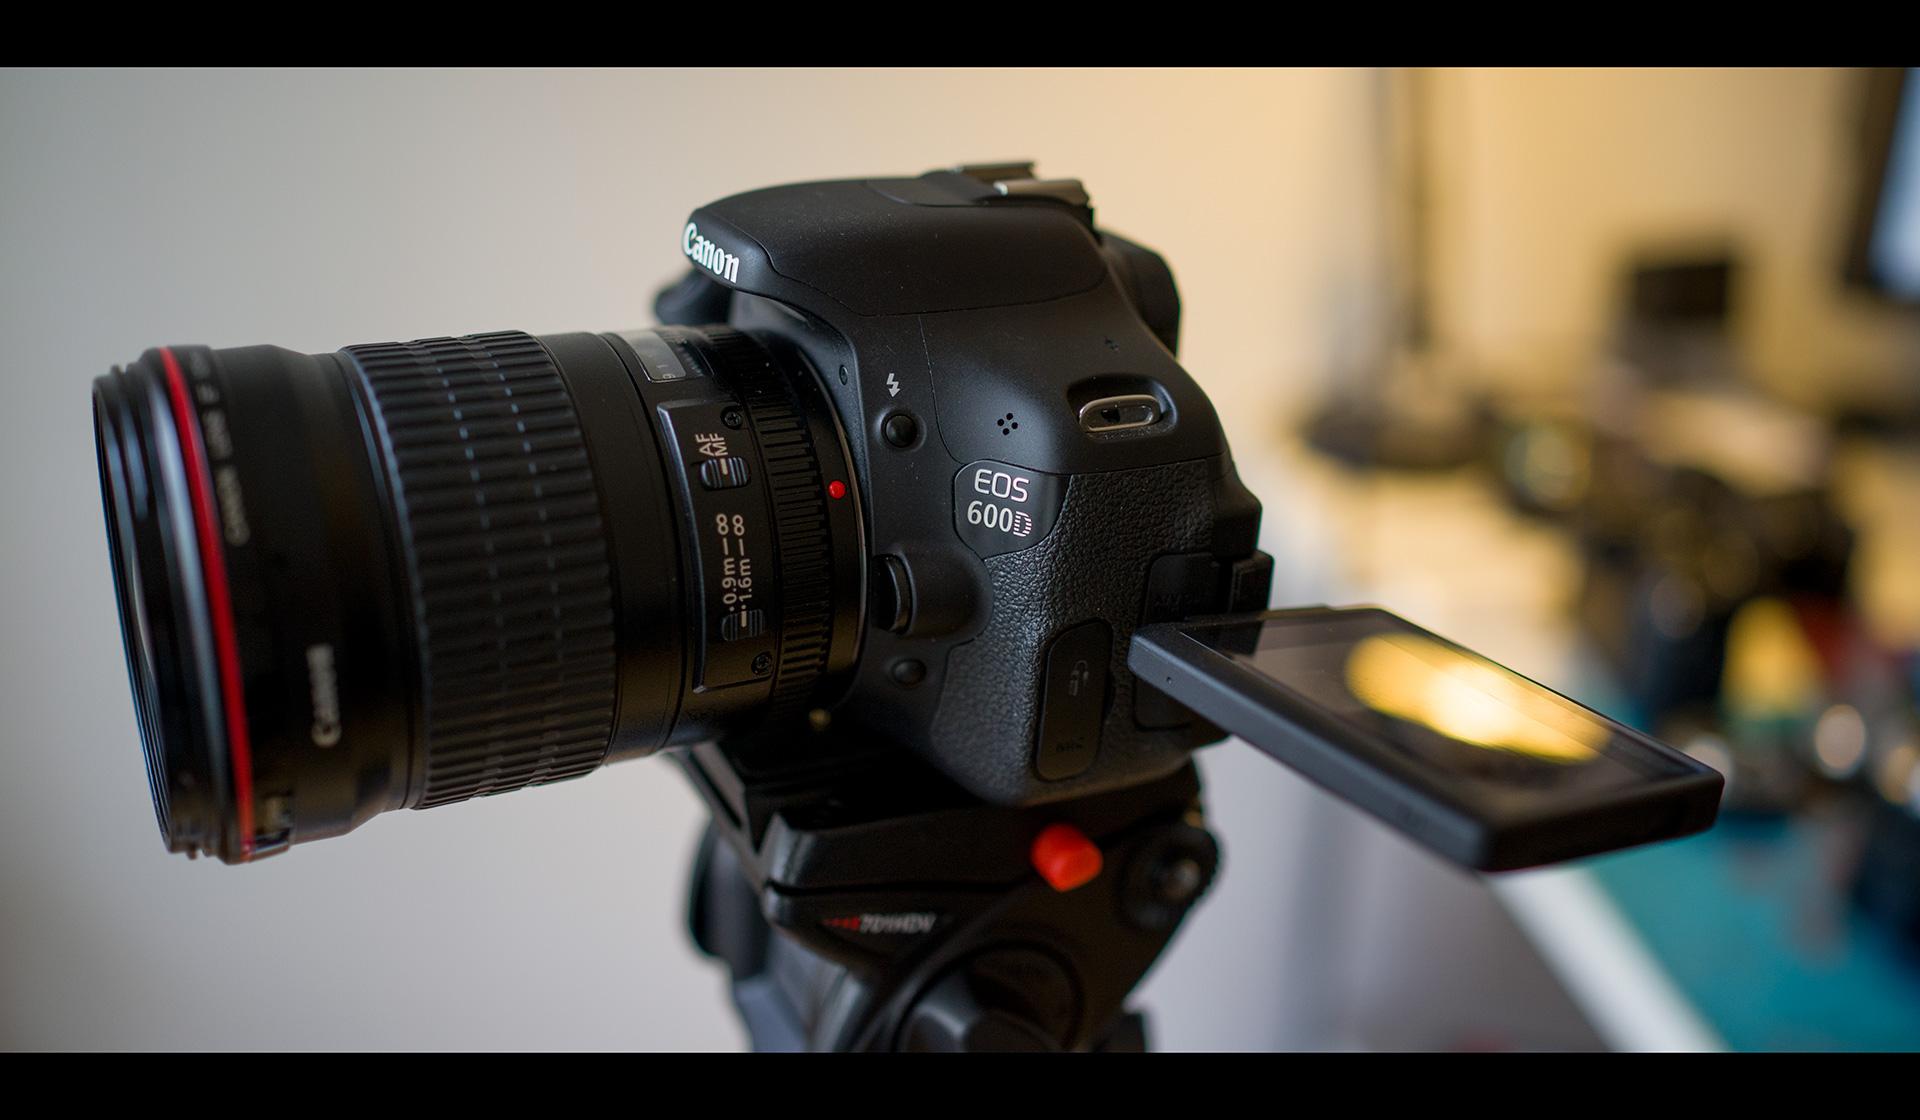 как сделать фото черно белым на фотоаппаратах canon